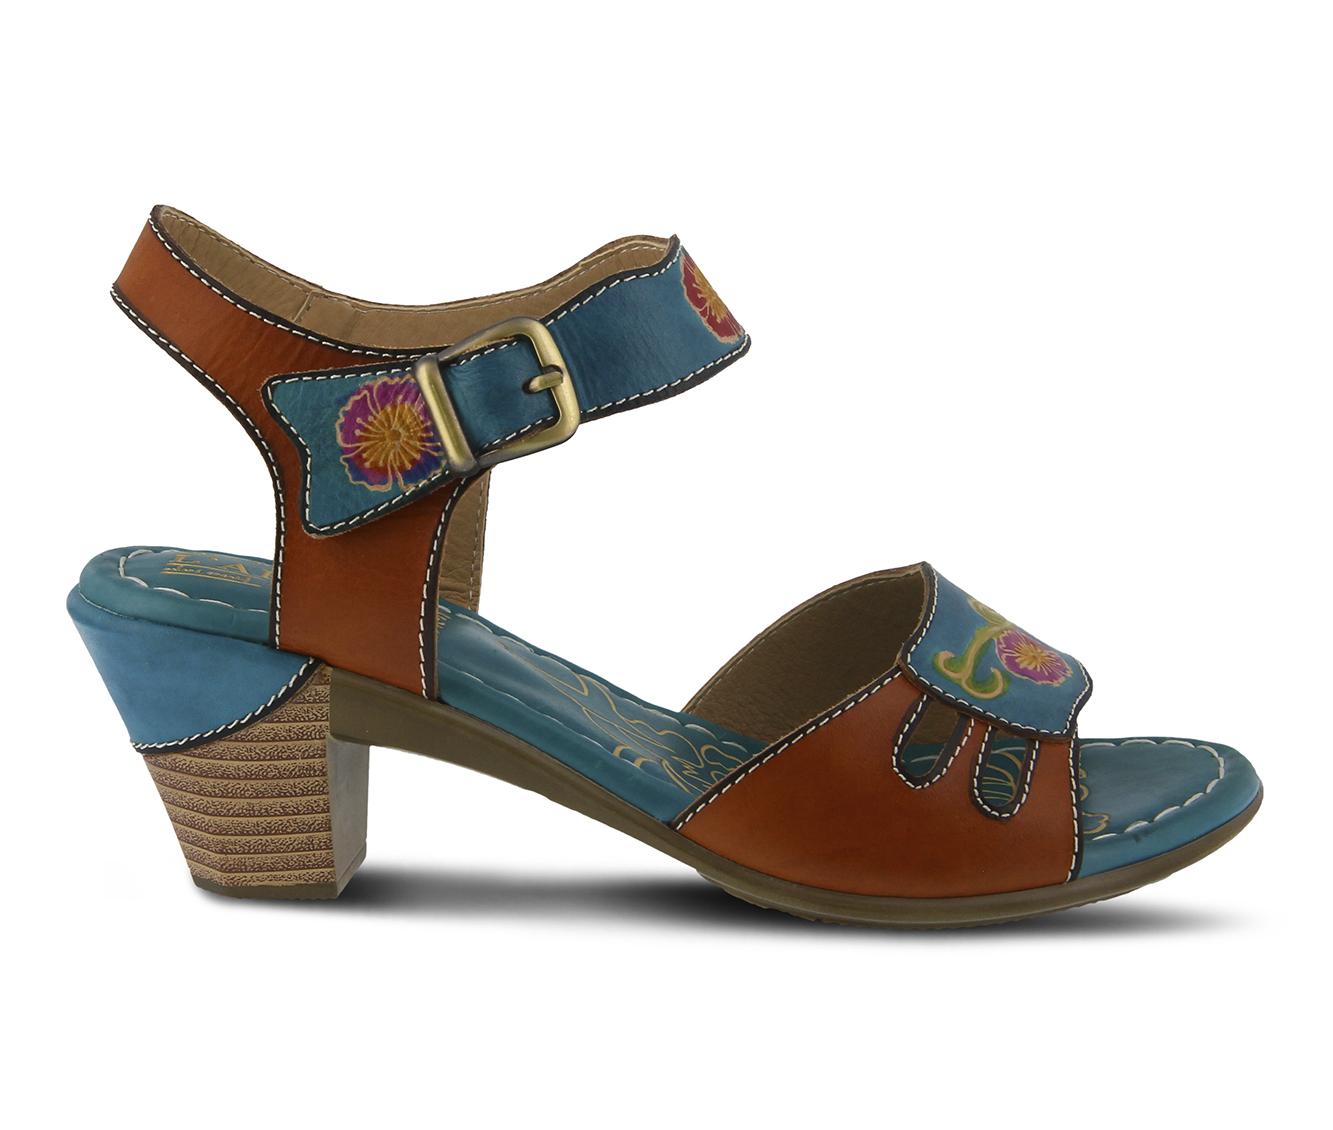 L'Artiste Kyleta Women's Dress Shoe (Blue Leather)